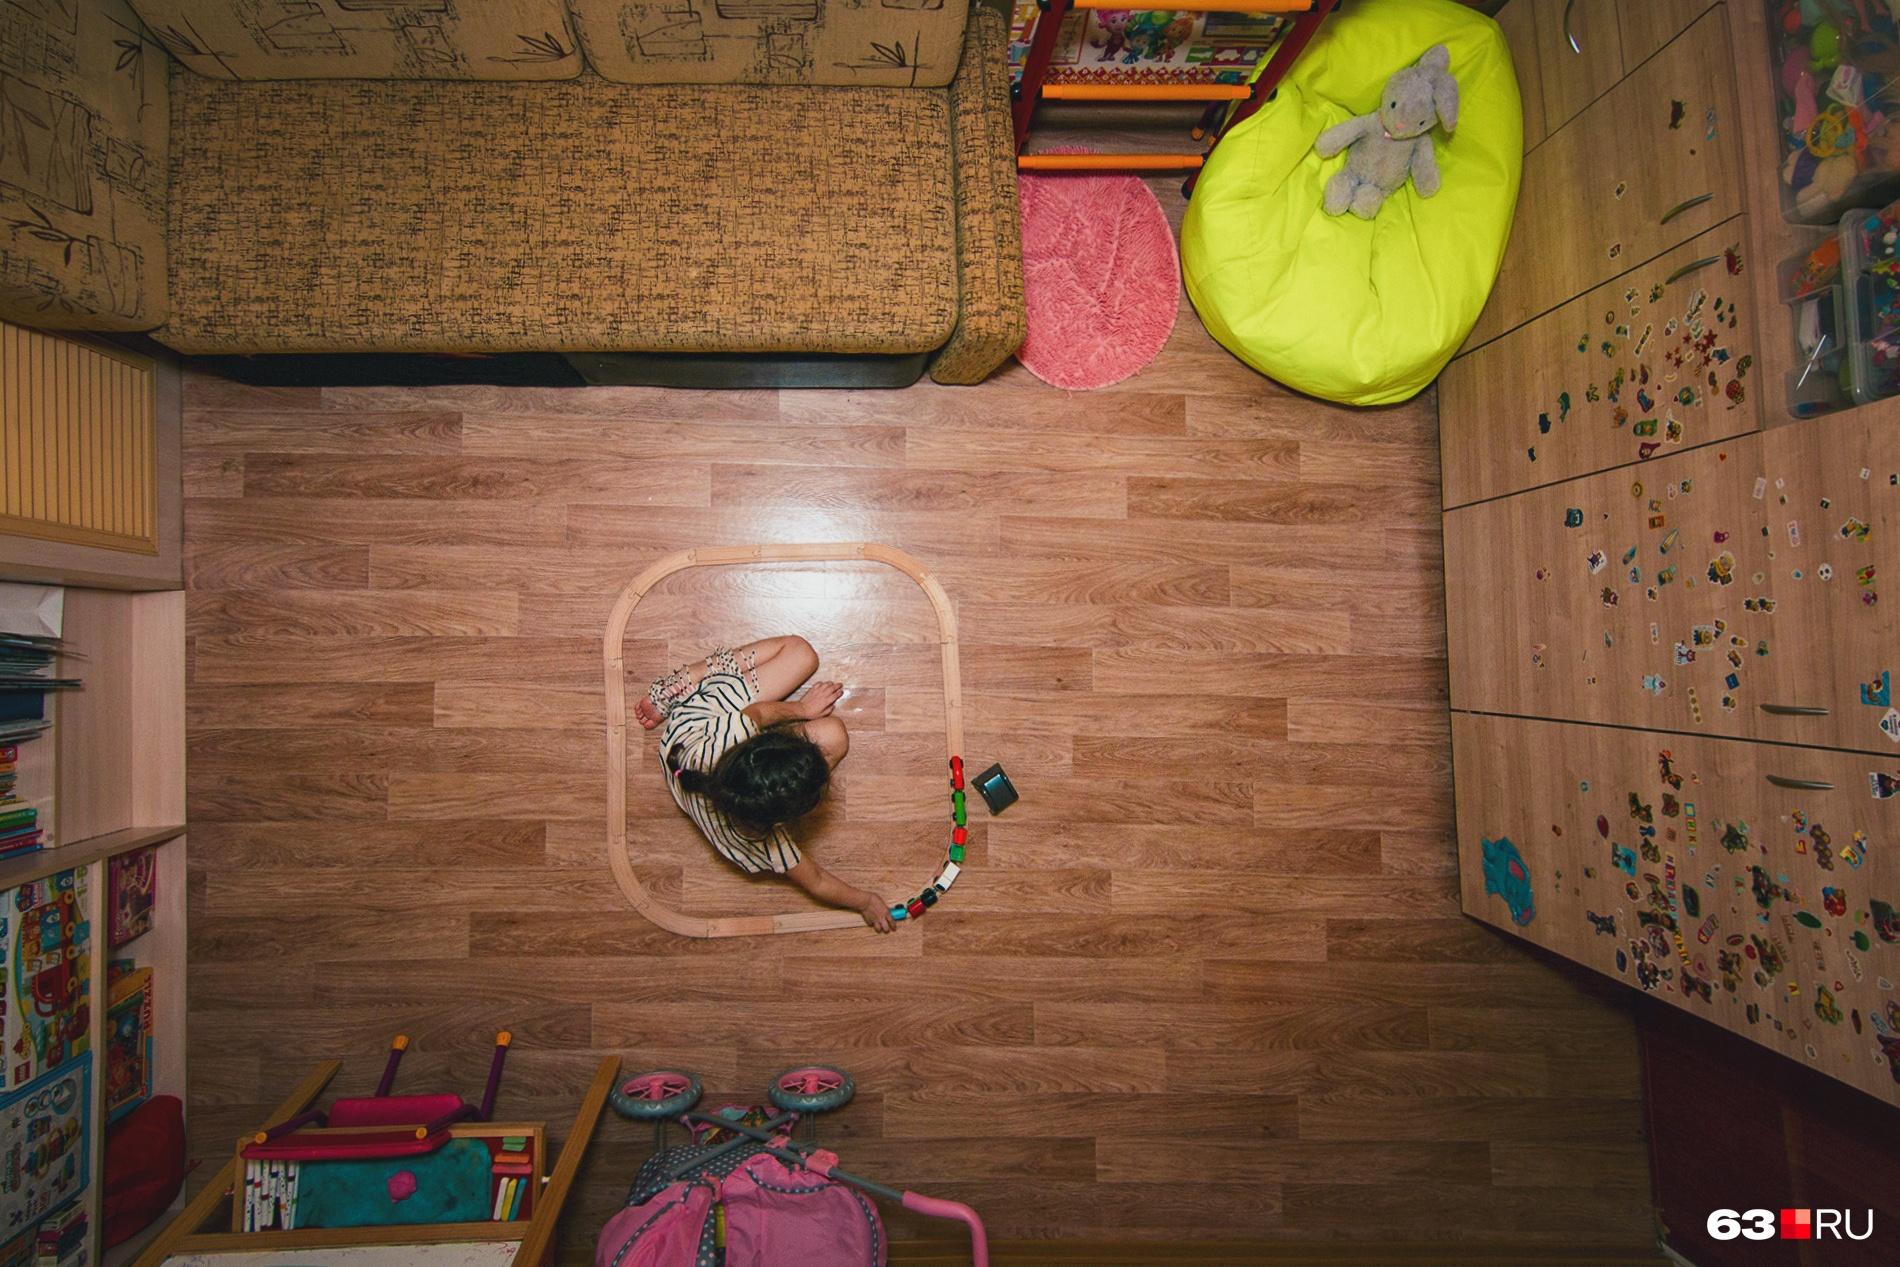 Даже из самой маленькой квартиры можно сделать уютное жи